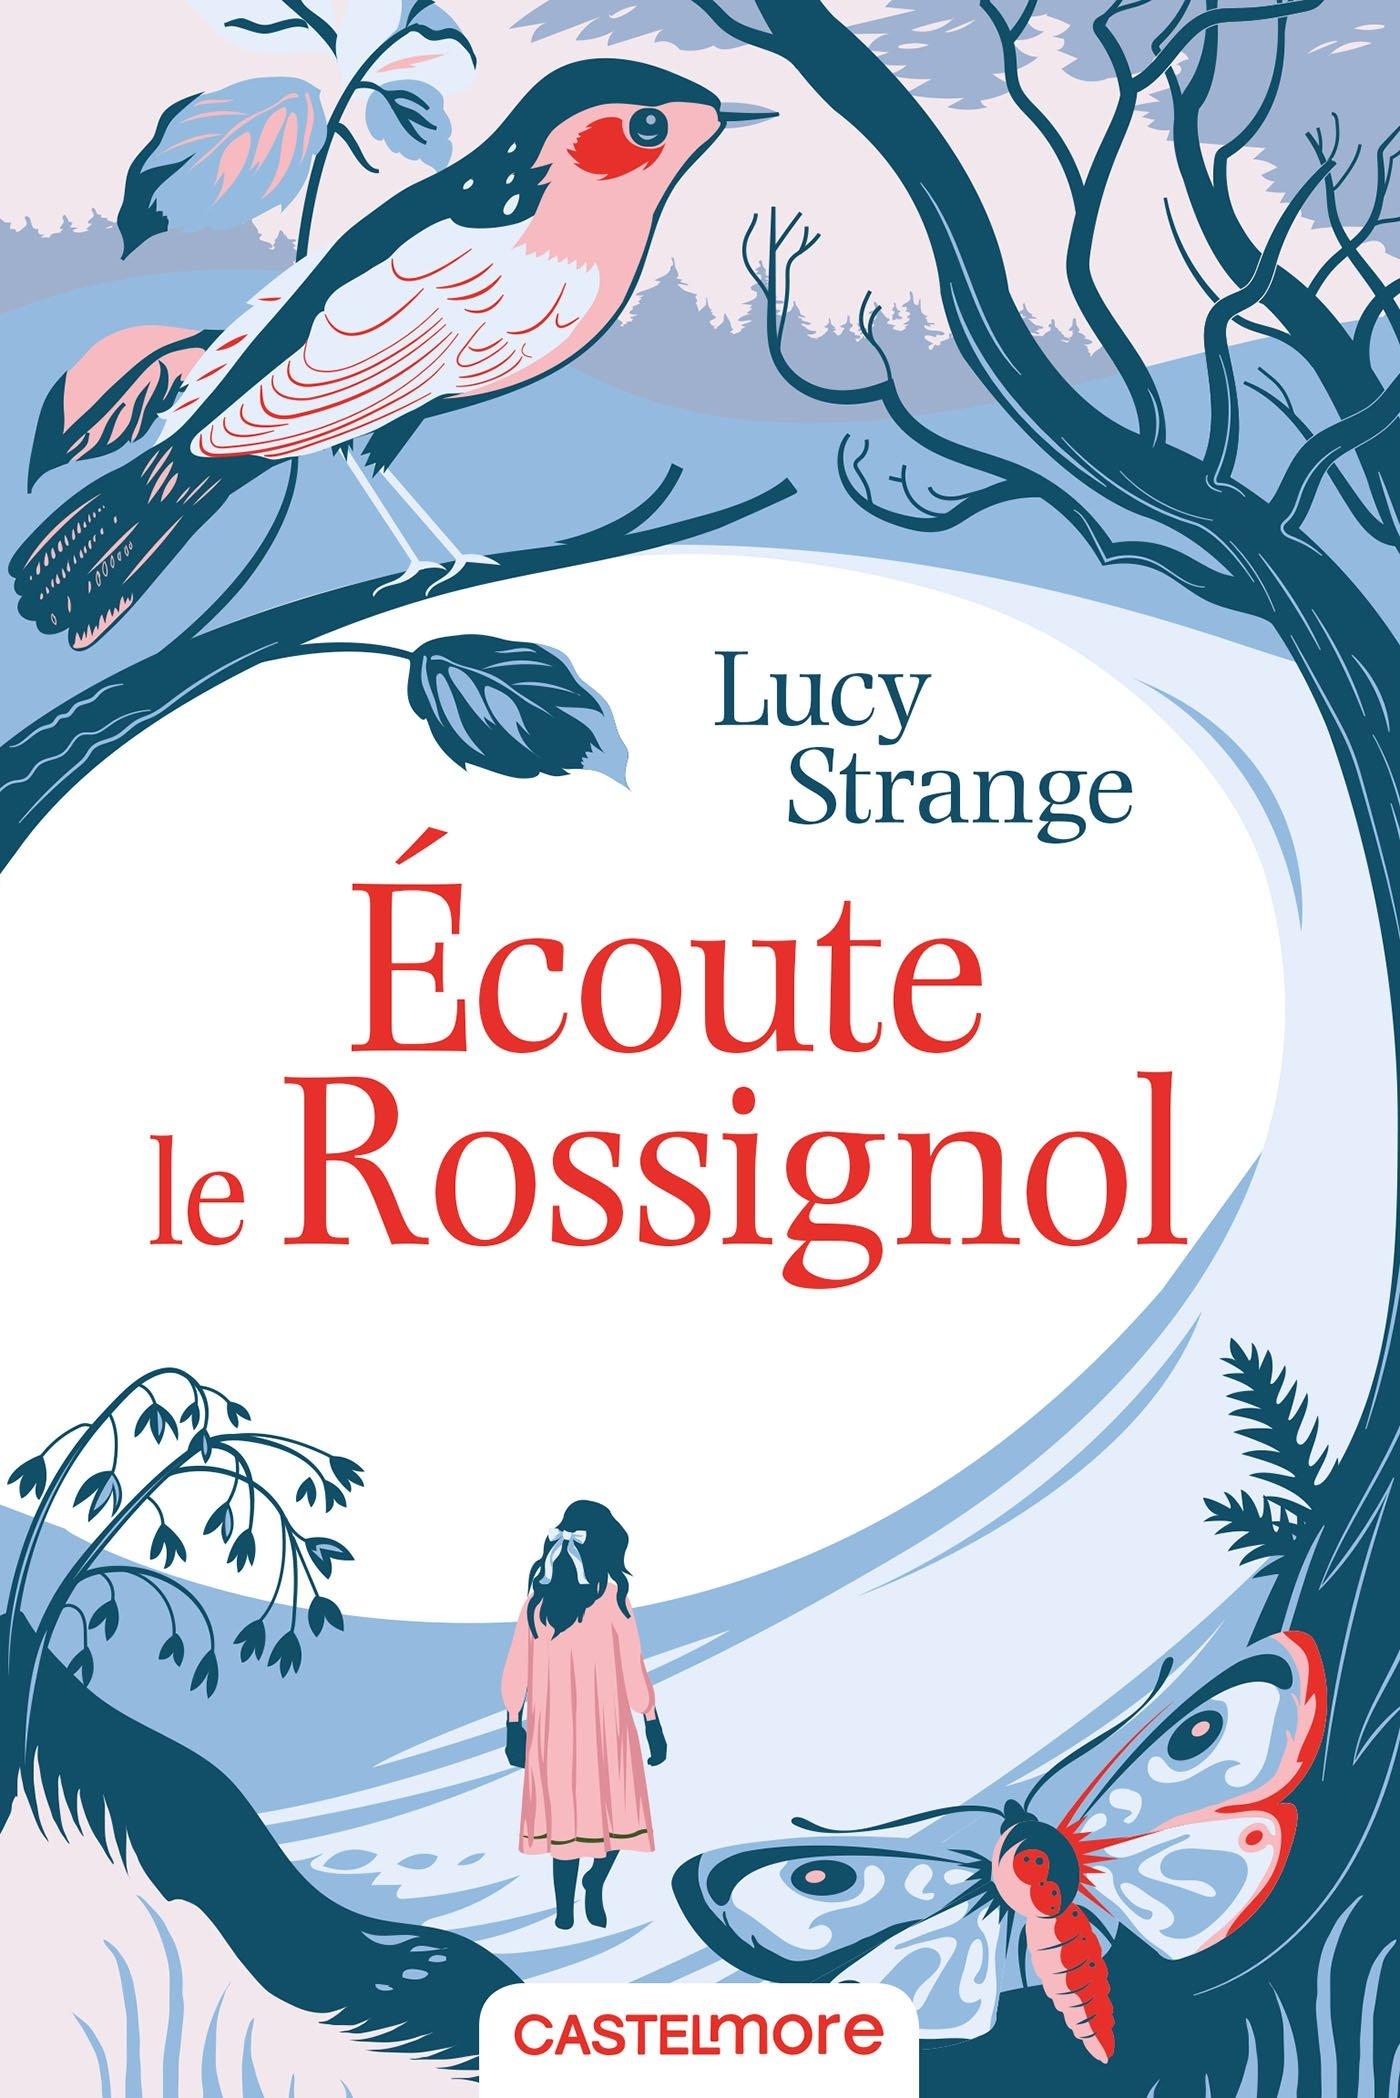 Ecoute le rossignol de Lucy Strange : coup de coeur !